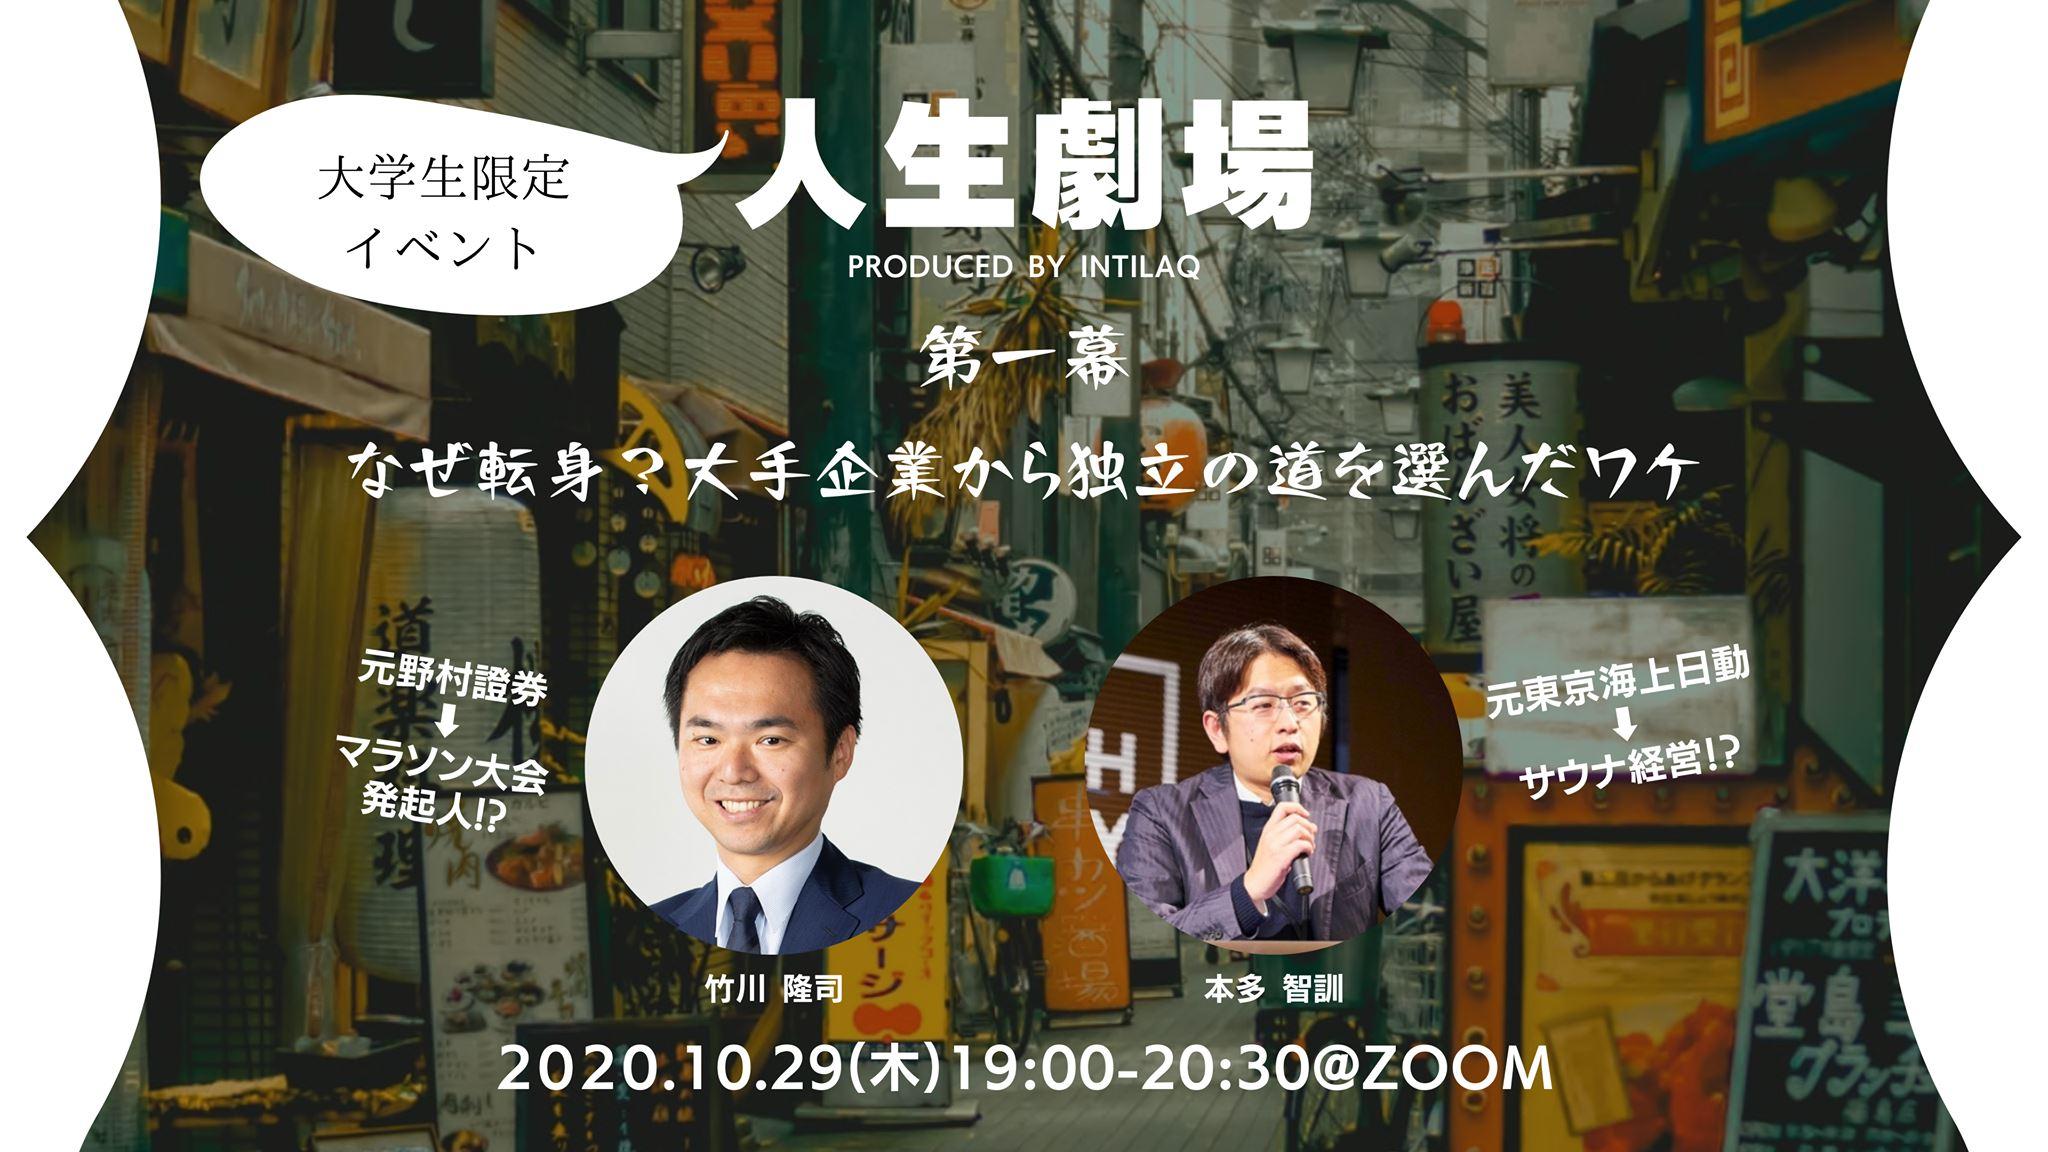 """""""人生劇場""""第1幕〜なぜ転身?大手企業から独立の道を歩んだワケ〜"""